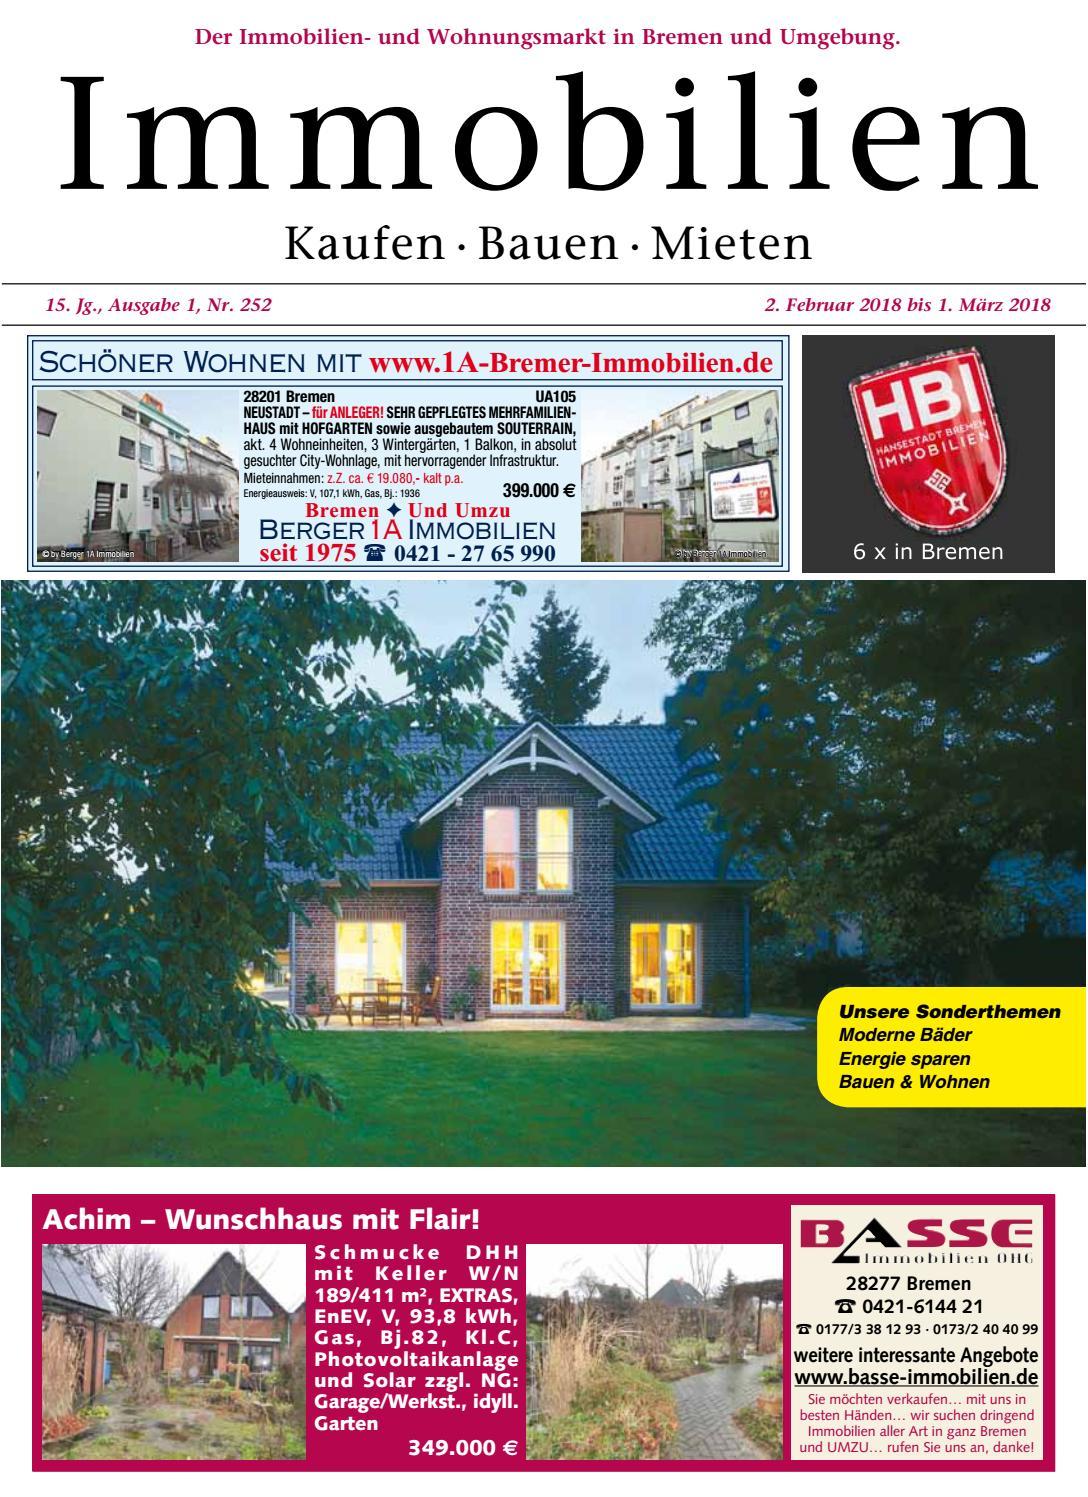 Kaufen bauen mieten feb 2018 by KPS Verlagsgesellschaft mbH - issuu